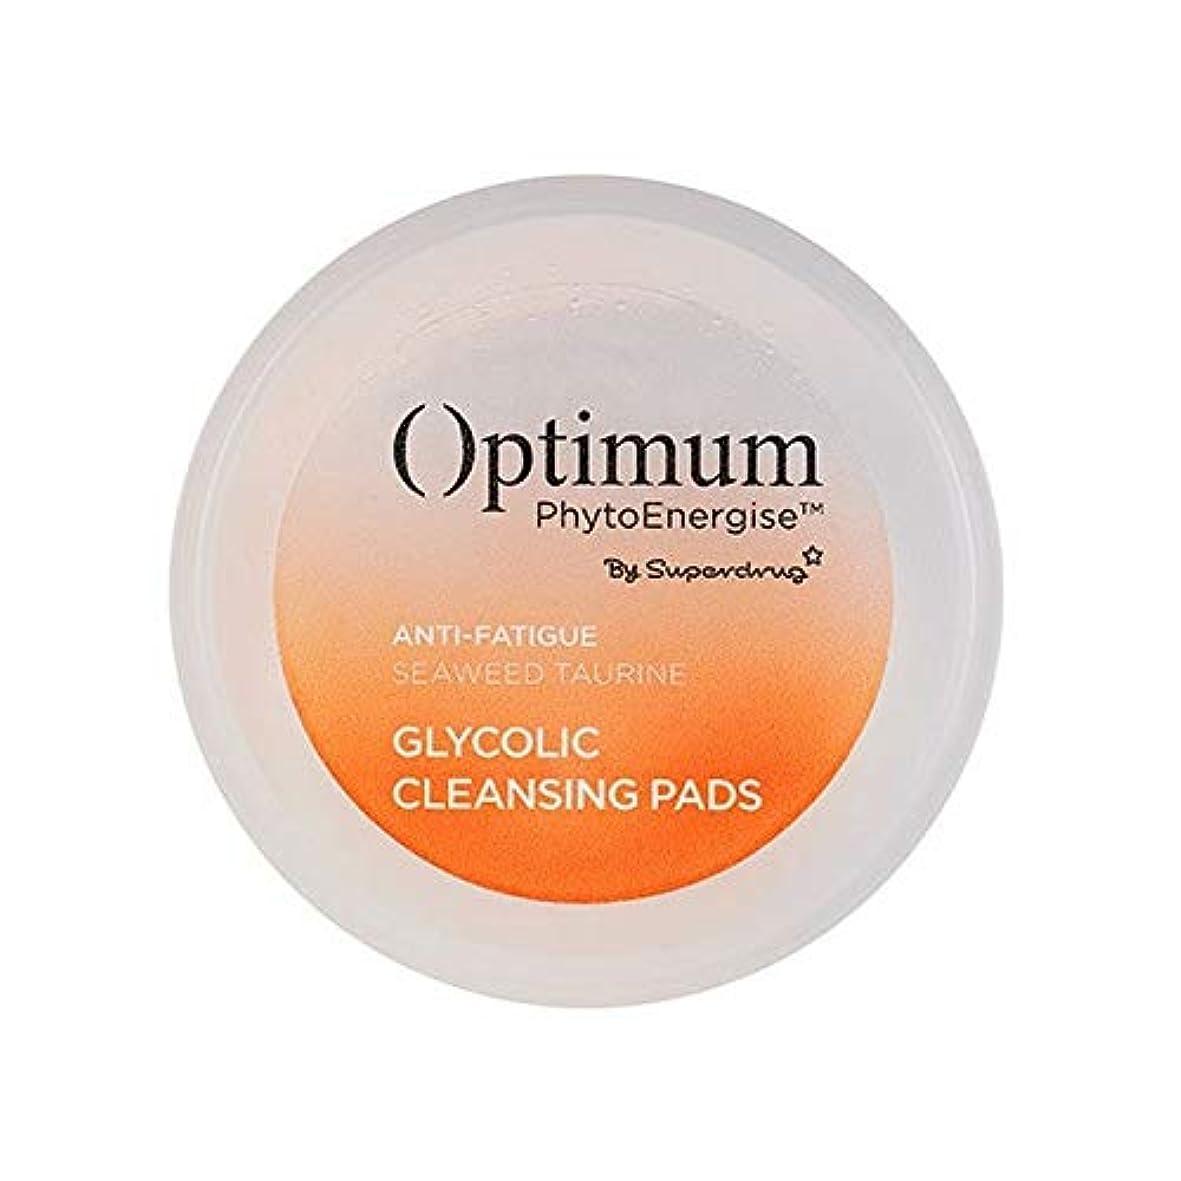 二提出する肝[Optimum ] 最適Phytoenergiseグリコールクレンジングパッド - Optimum PhytoEnergise Glycolic Cleansing Pads [並行輸入品]